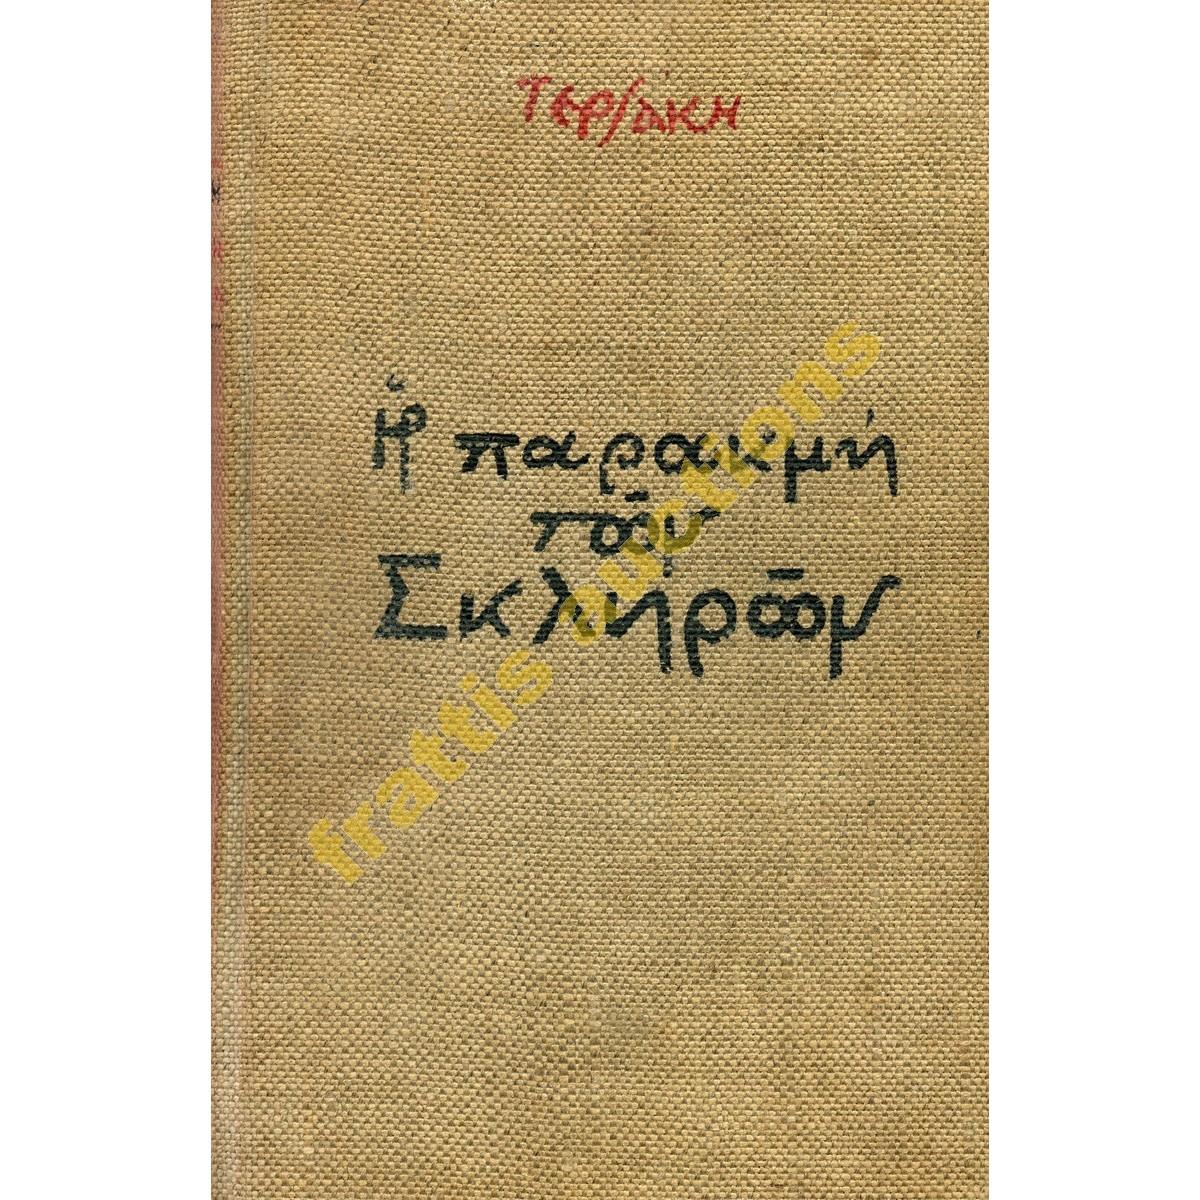 ΤΕΡΖΑΚΗΣ ΑΓΓΕΛΟΣ, Δ.